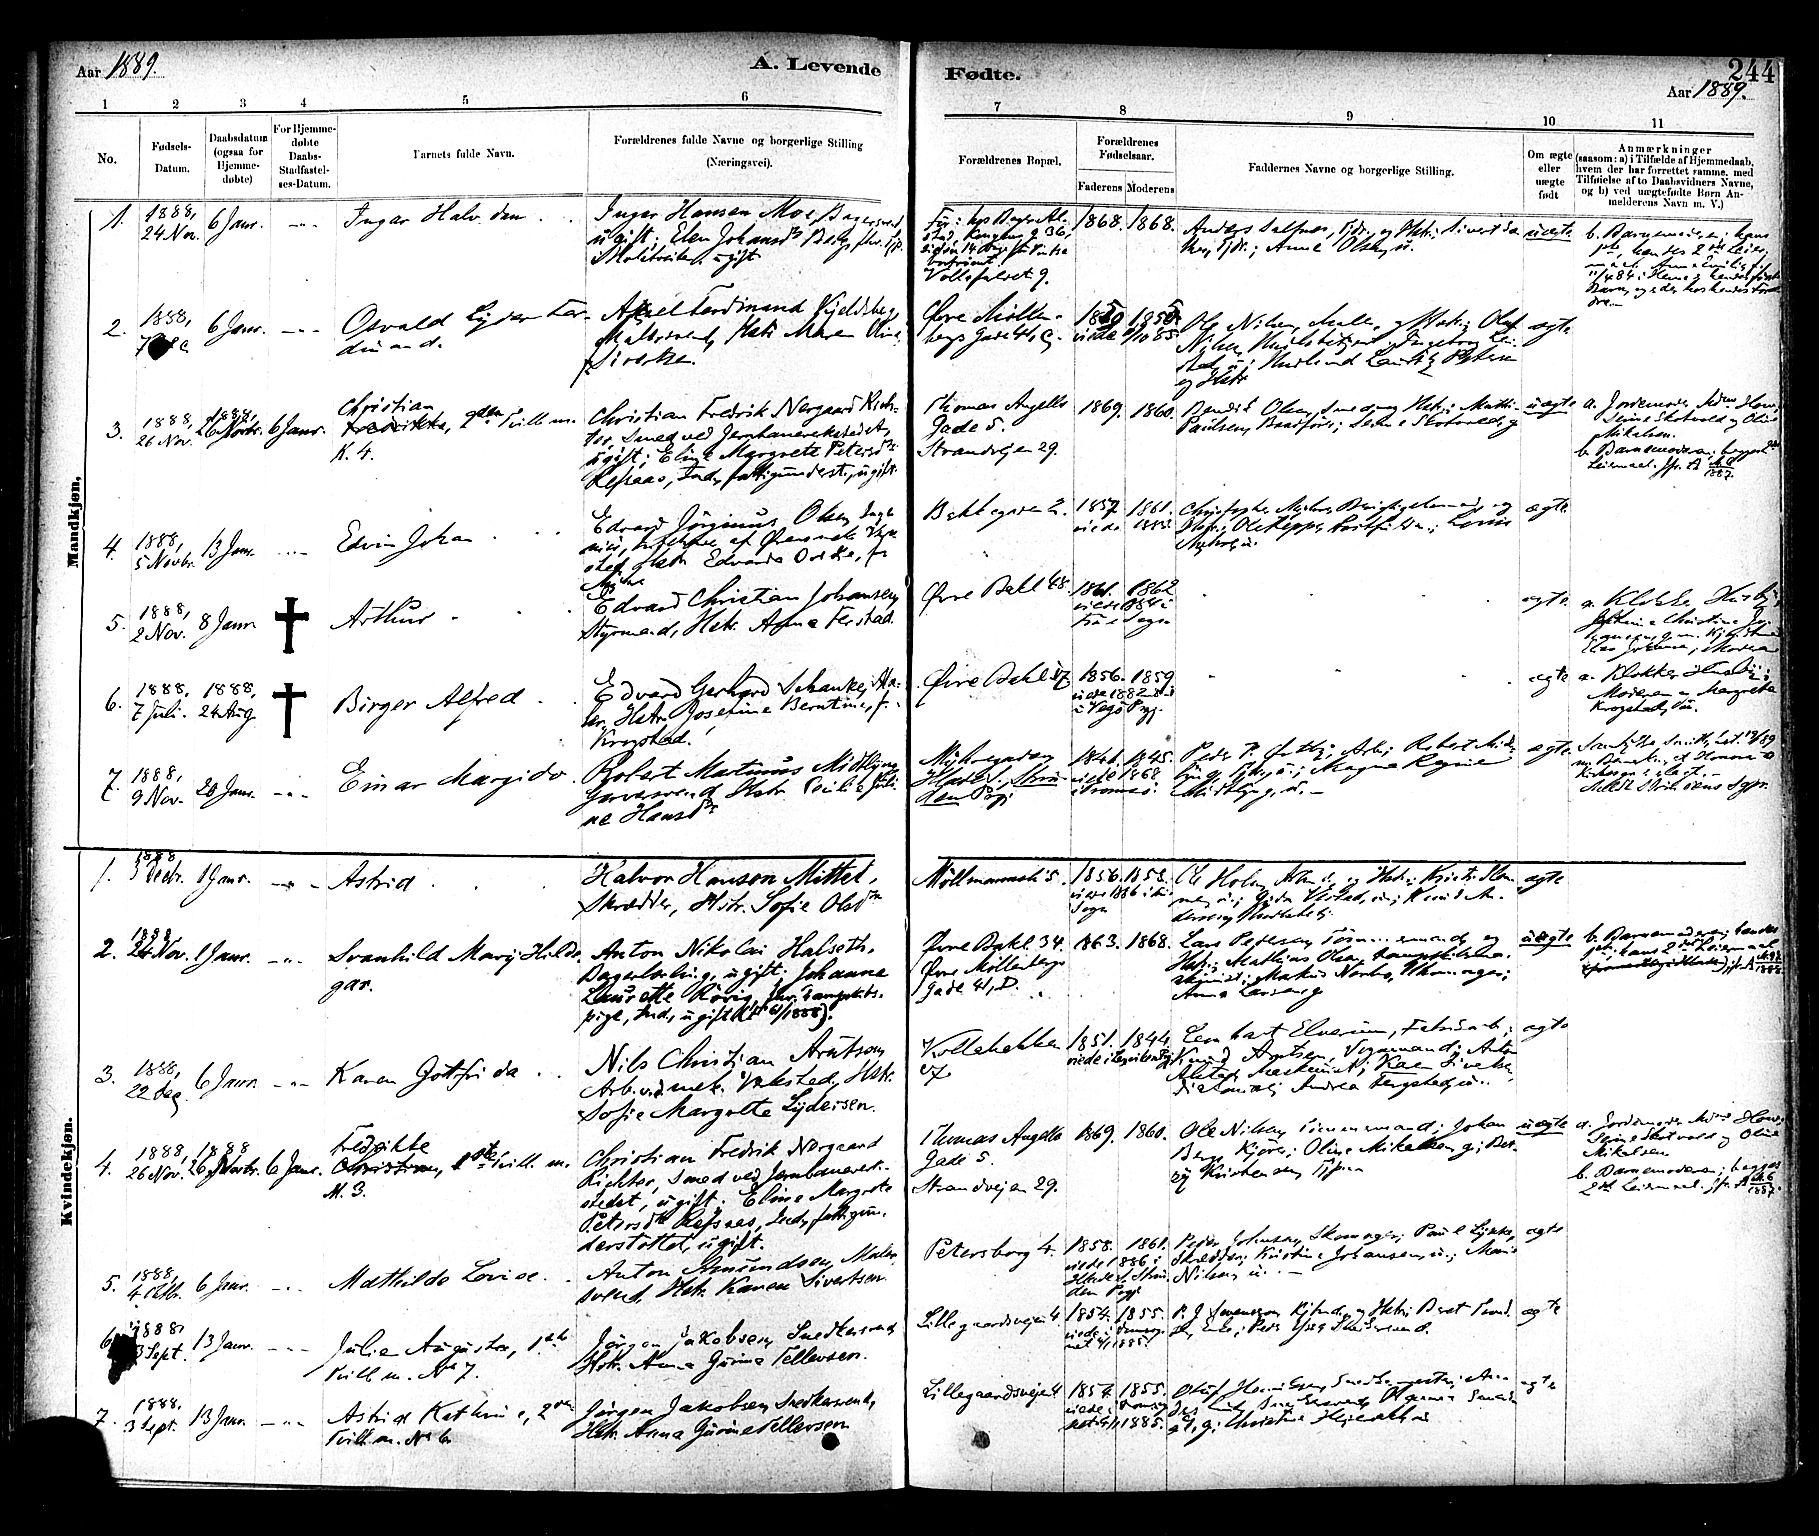 SAT, Ministerialprotokoller, klokkerbøker og fødselsregistre - Sør-Trøndelag, 604/L0188: Ministerialbok nr. 604A09, 1878-1892, s. 244